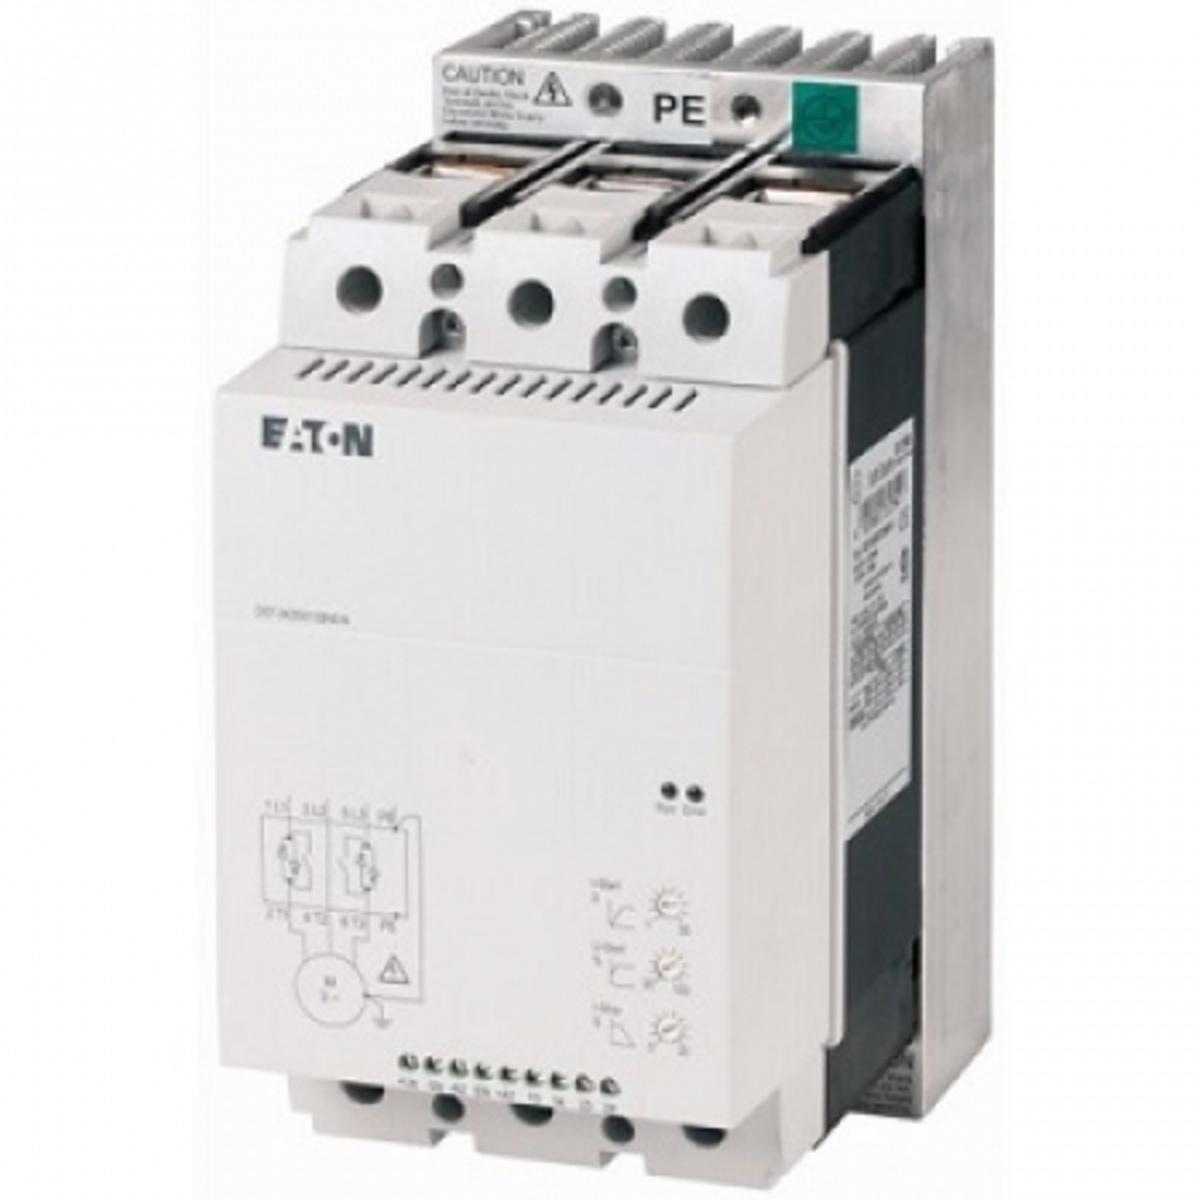 SOFT STARTER 41A COMANDO 110/220V 3P 41A DS7-342SX041N0-N EATON